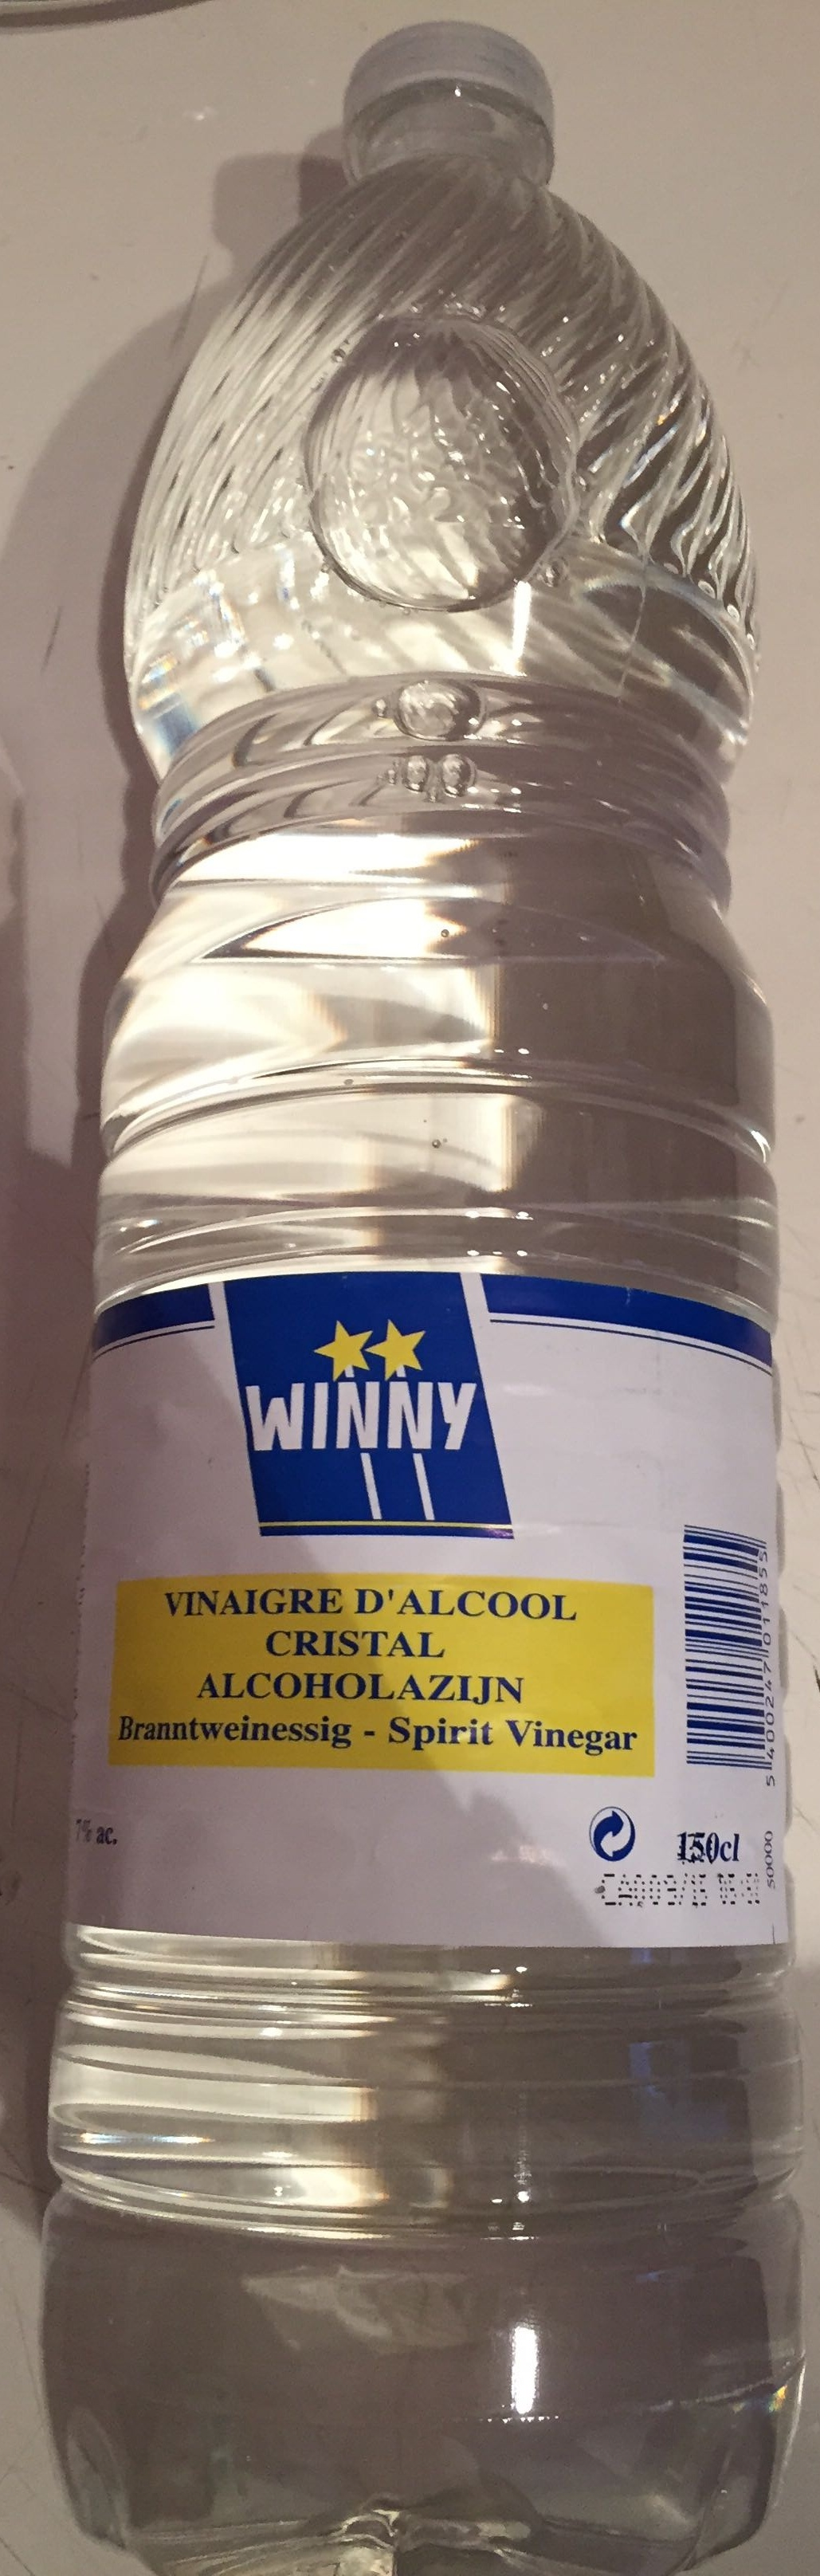 Vinaigre d'Alcool cristal (7% d'acidité) - Produit